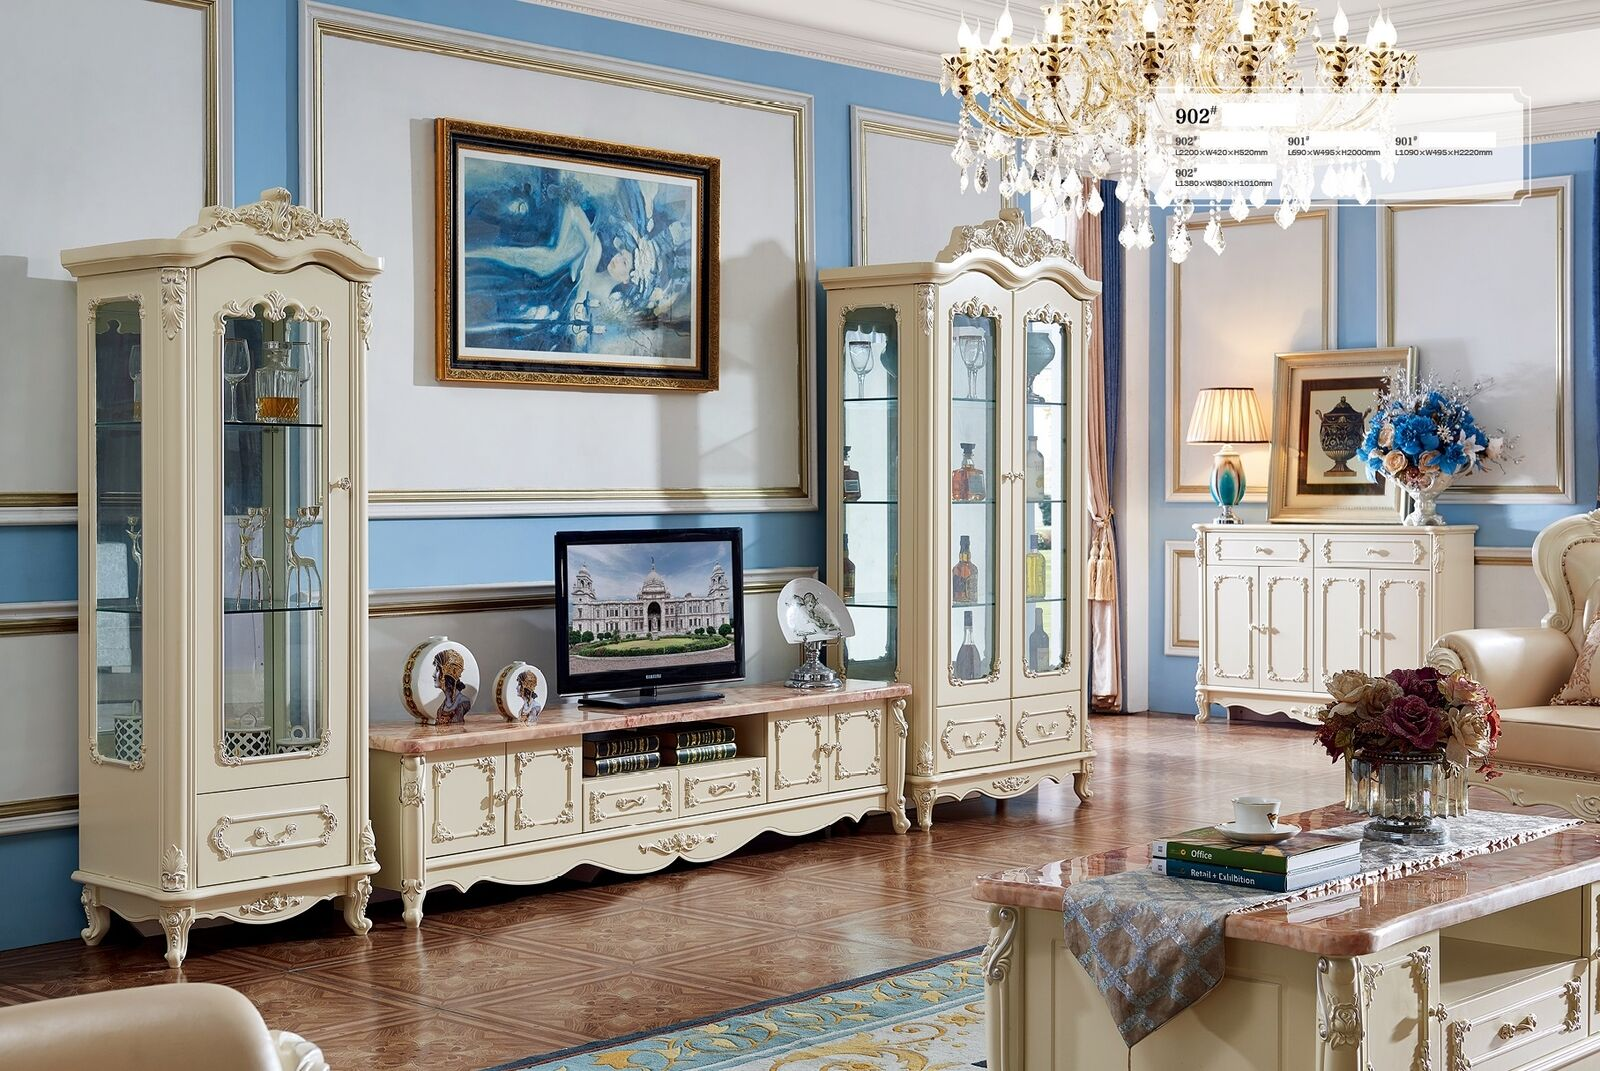 Wohnwand Barock Stil Wohnzimmer Vitrine Sideboard Rtv Regal